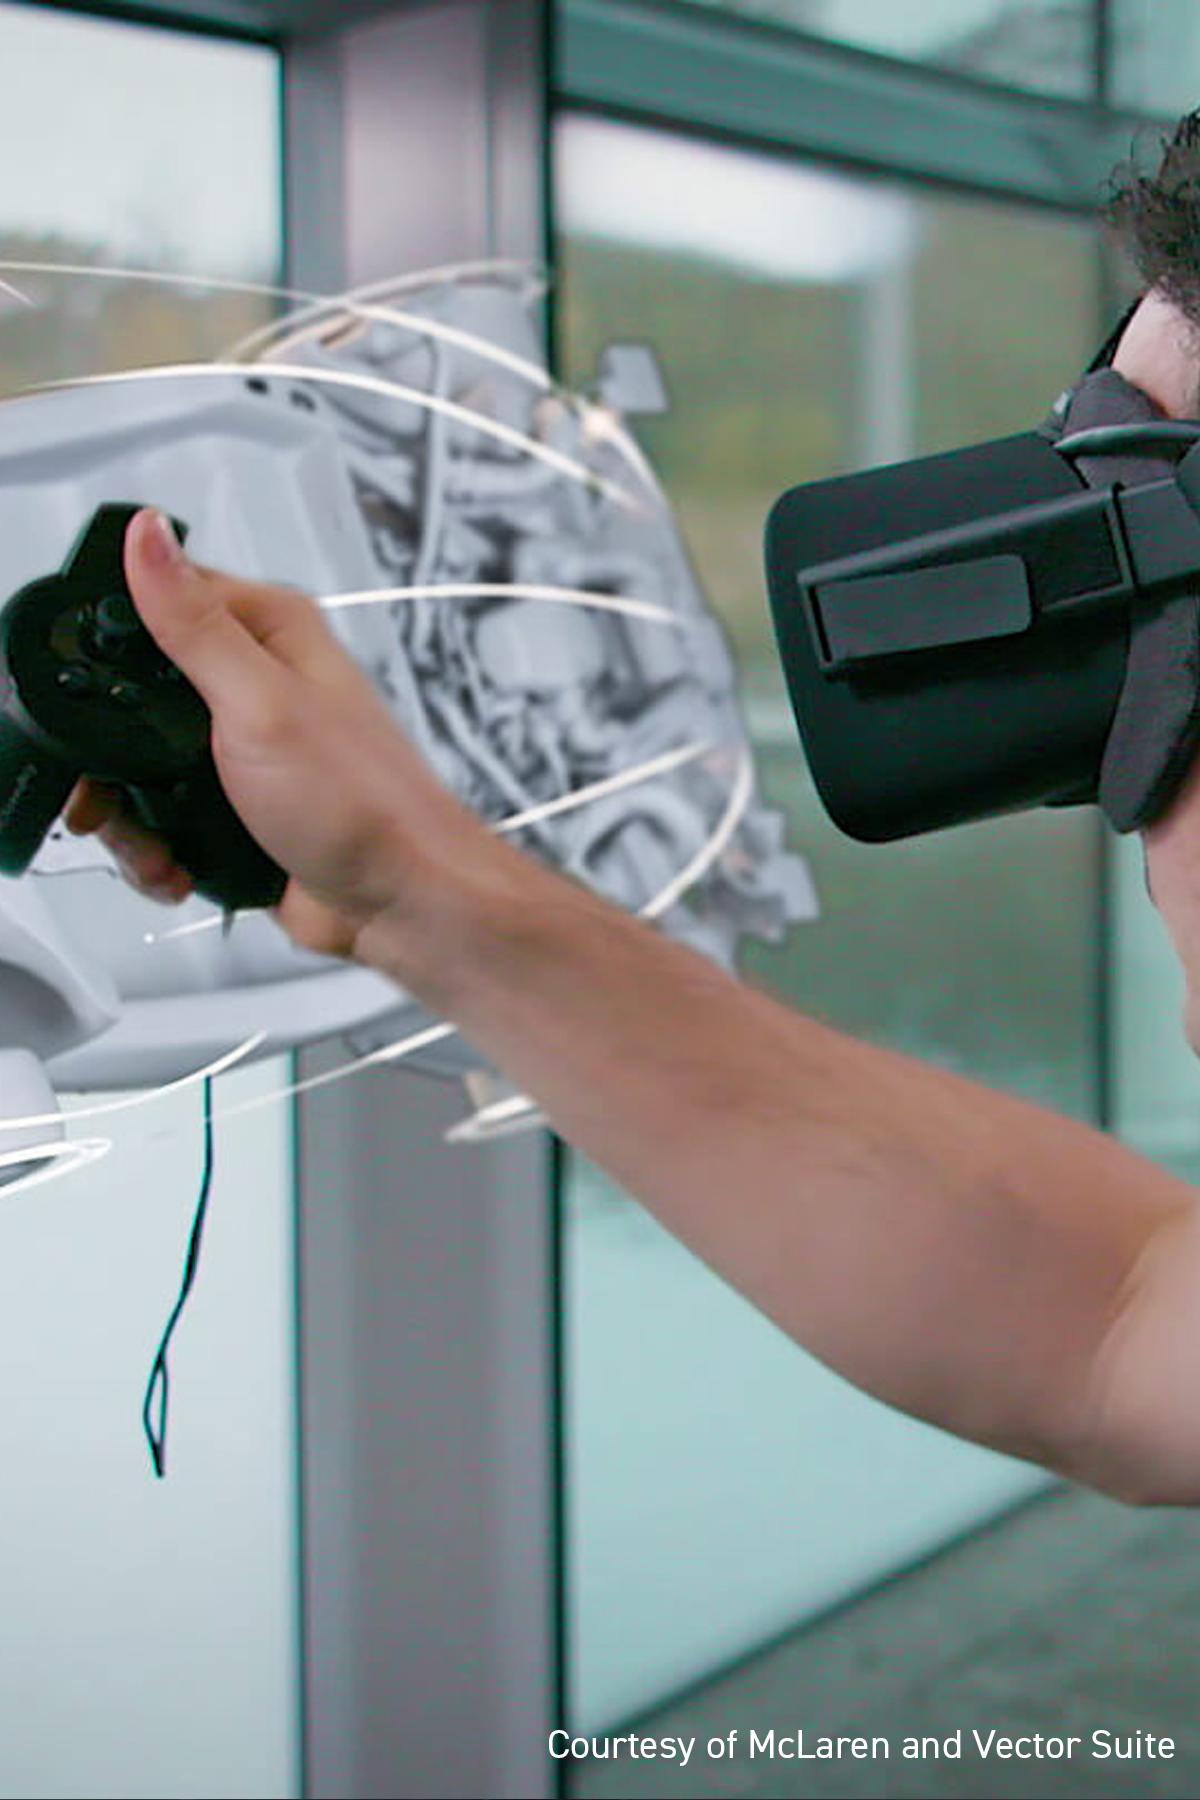 Persona jugando con las gafas de realidad virtual